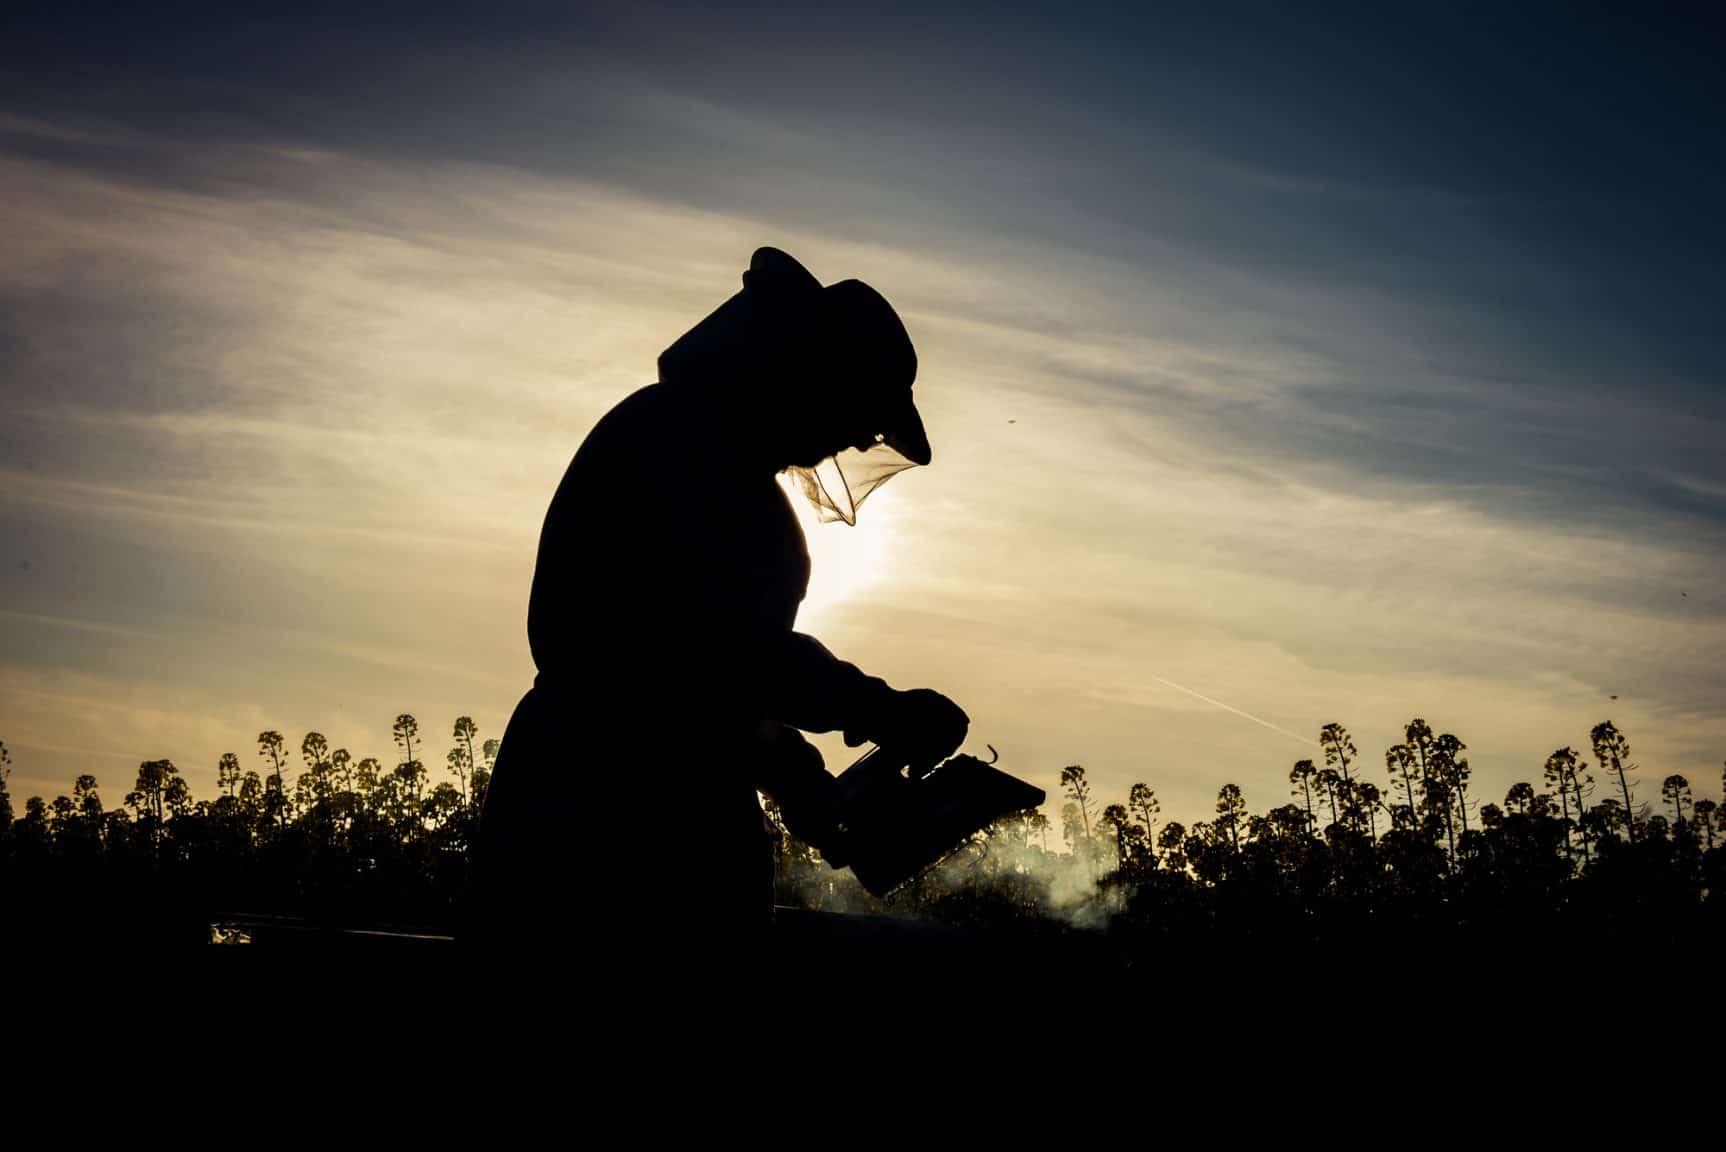 Beekeeper at dusk